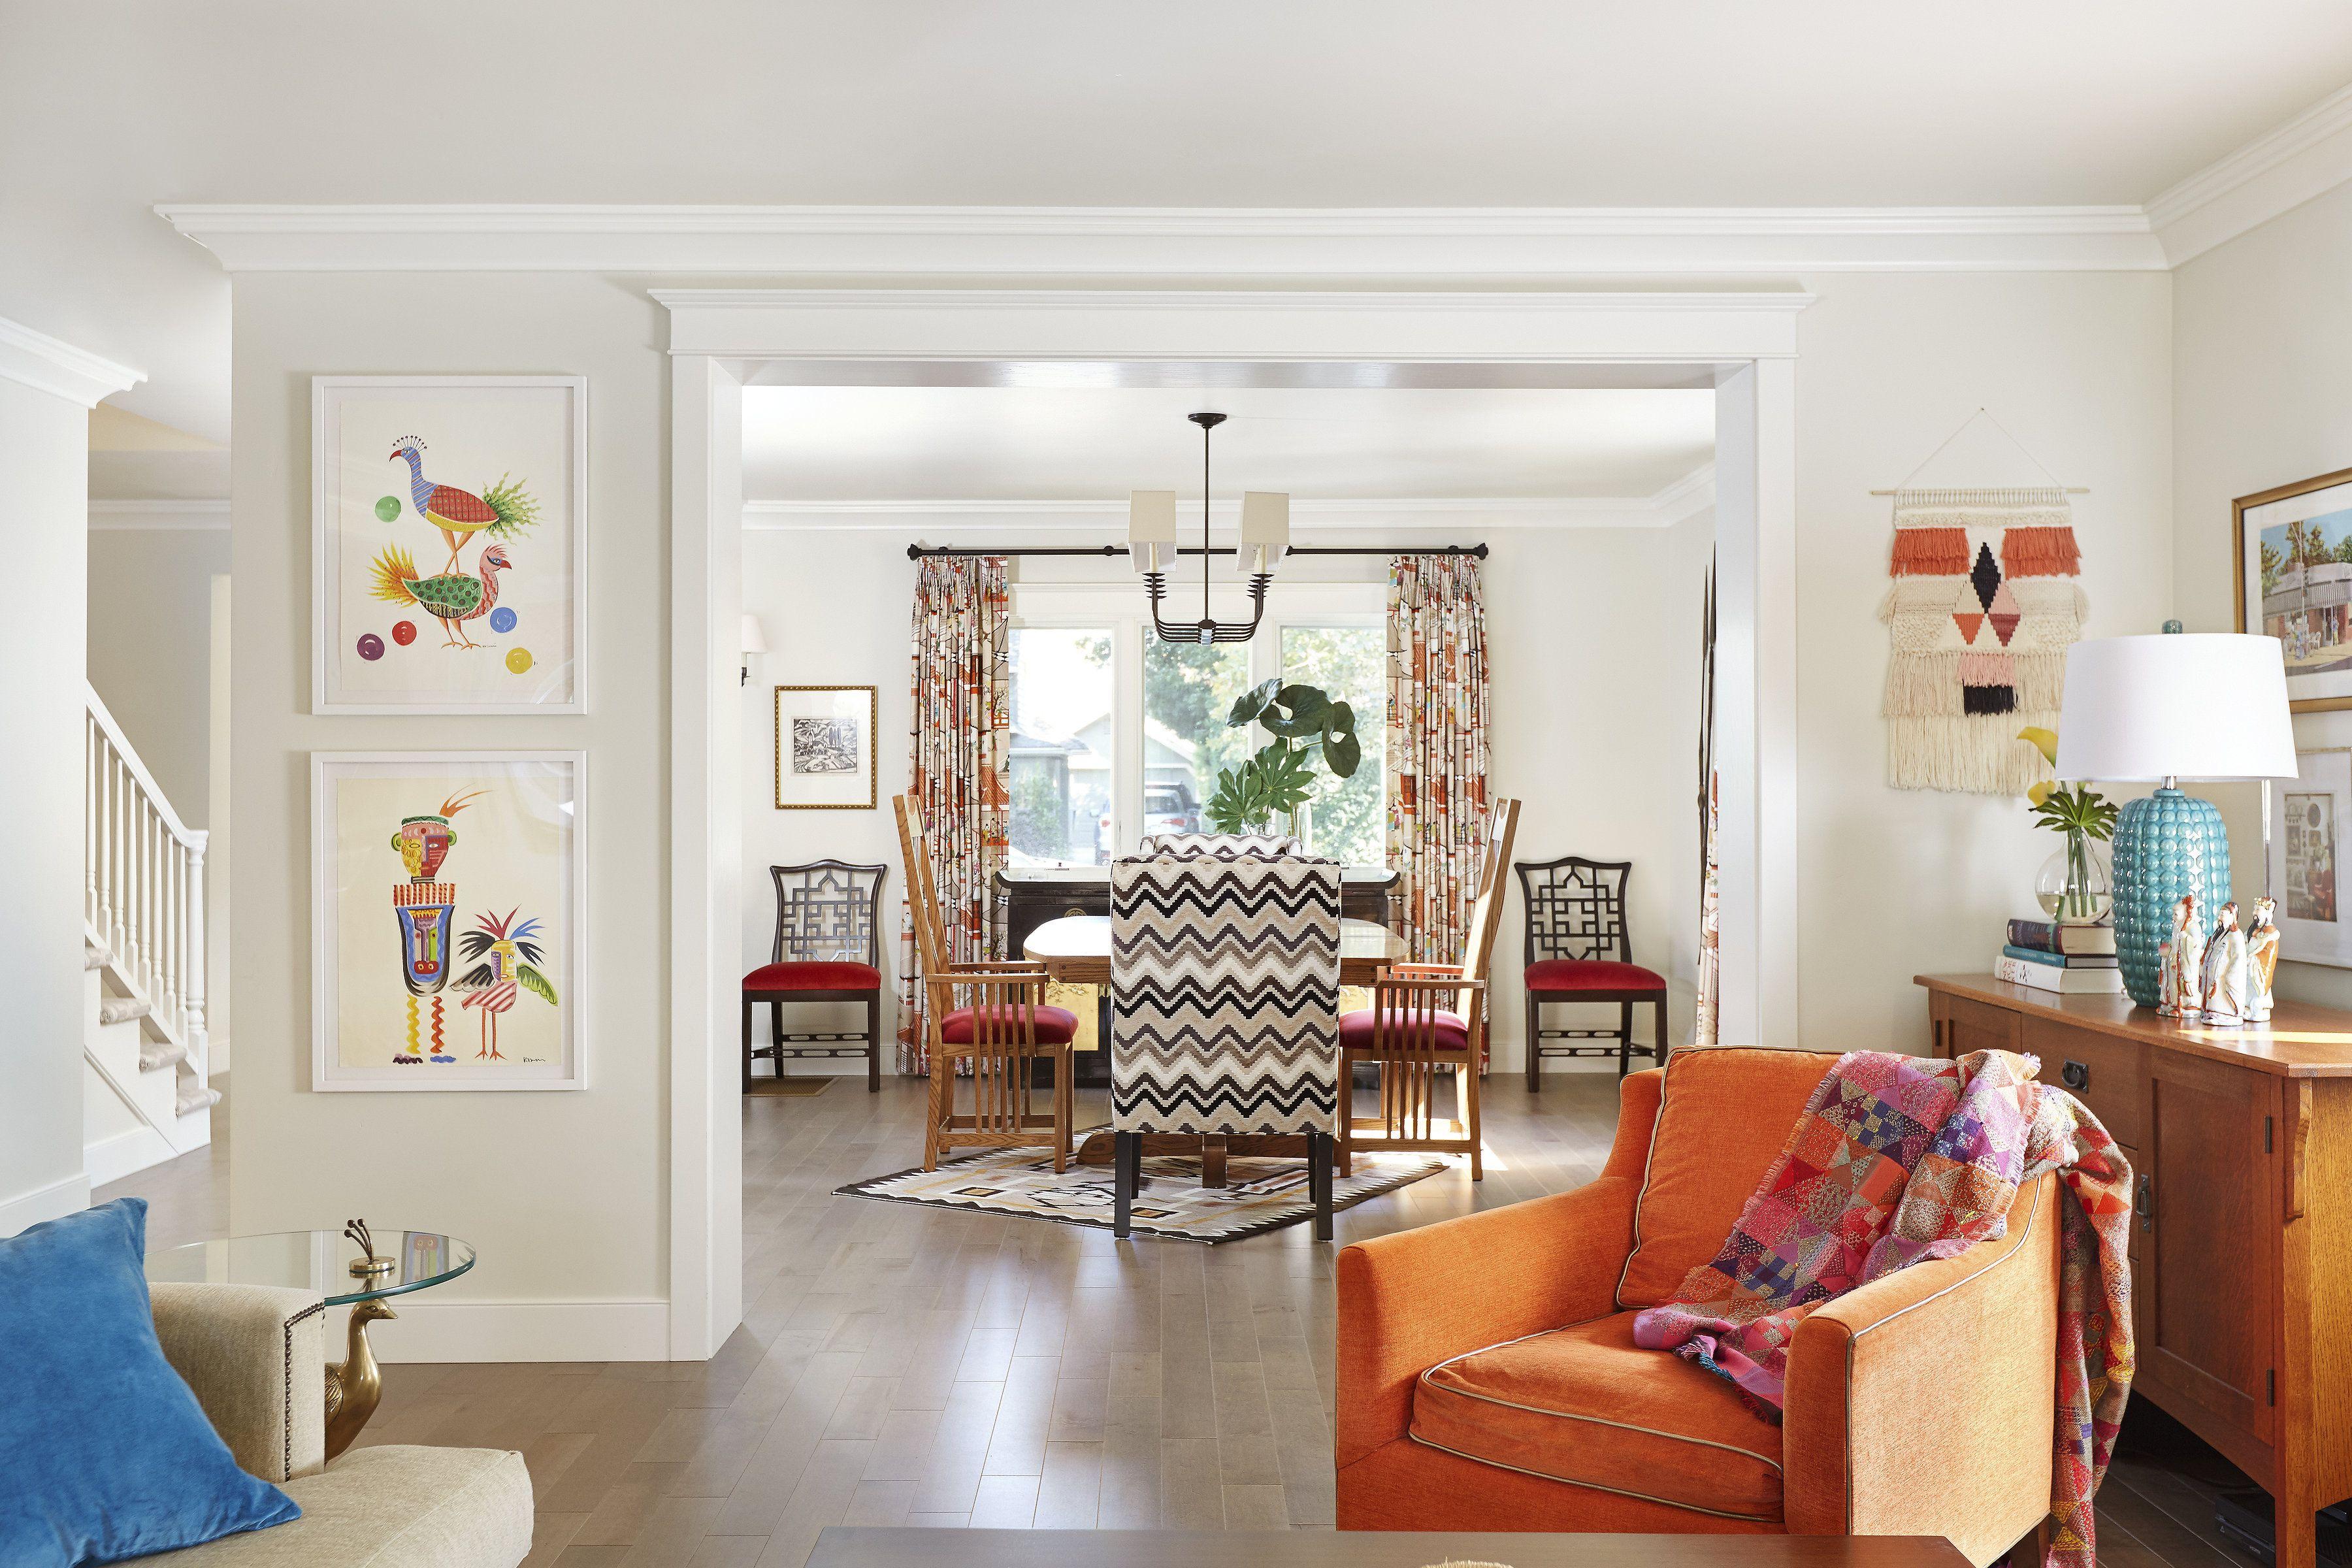 View The Interior Designer Portfolio From PepperJack Interiors, Loomis, CA,  United States